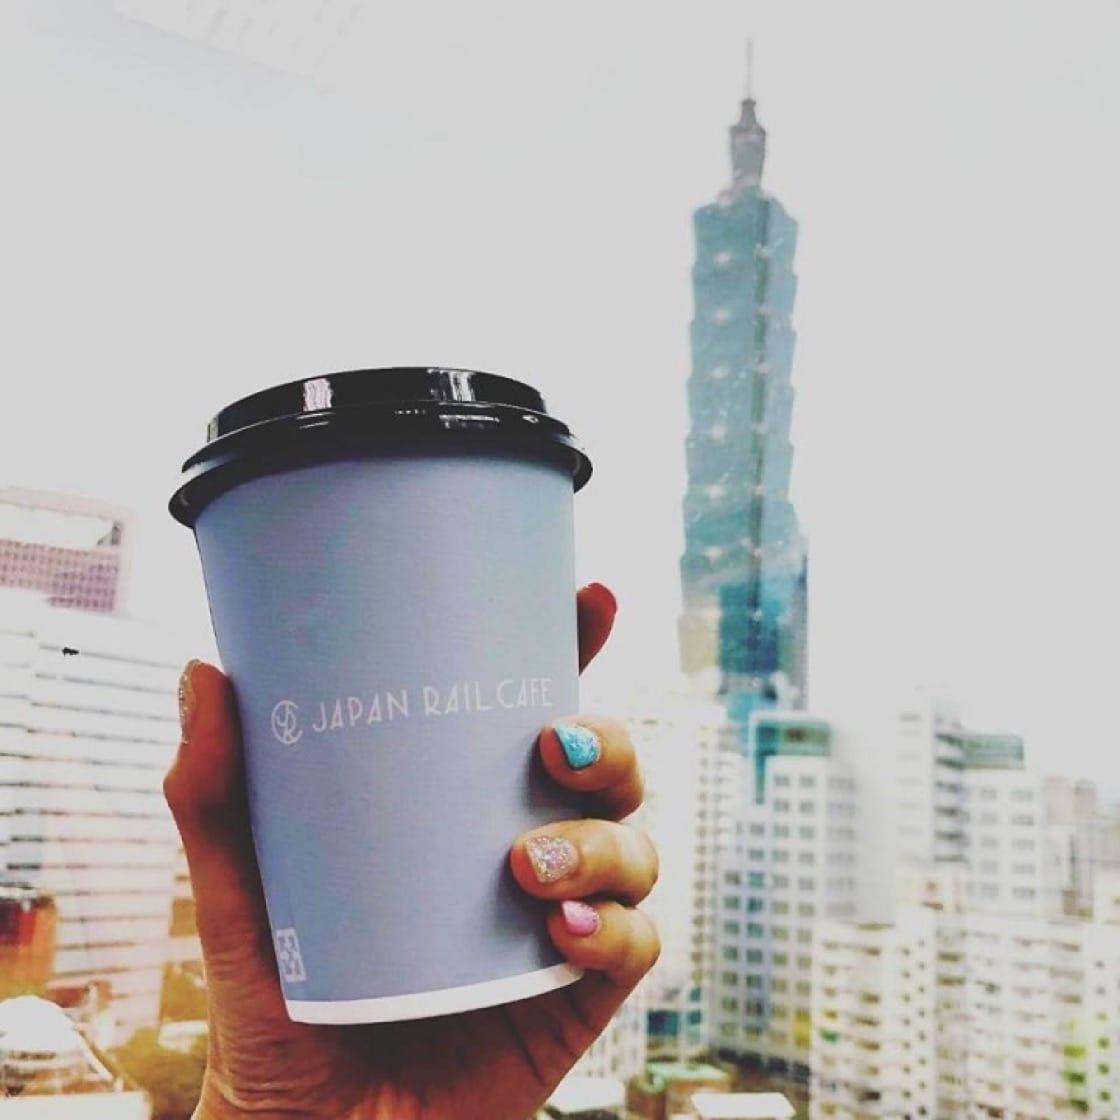 除了咖啡與餐點,Japan Rail Cafe希望作為提供日本旅遊資訊的平台,一月在台北開出除新加坡外第二家海外店。(圖片來源:Japan Rail Cafe臉書)